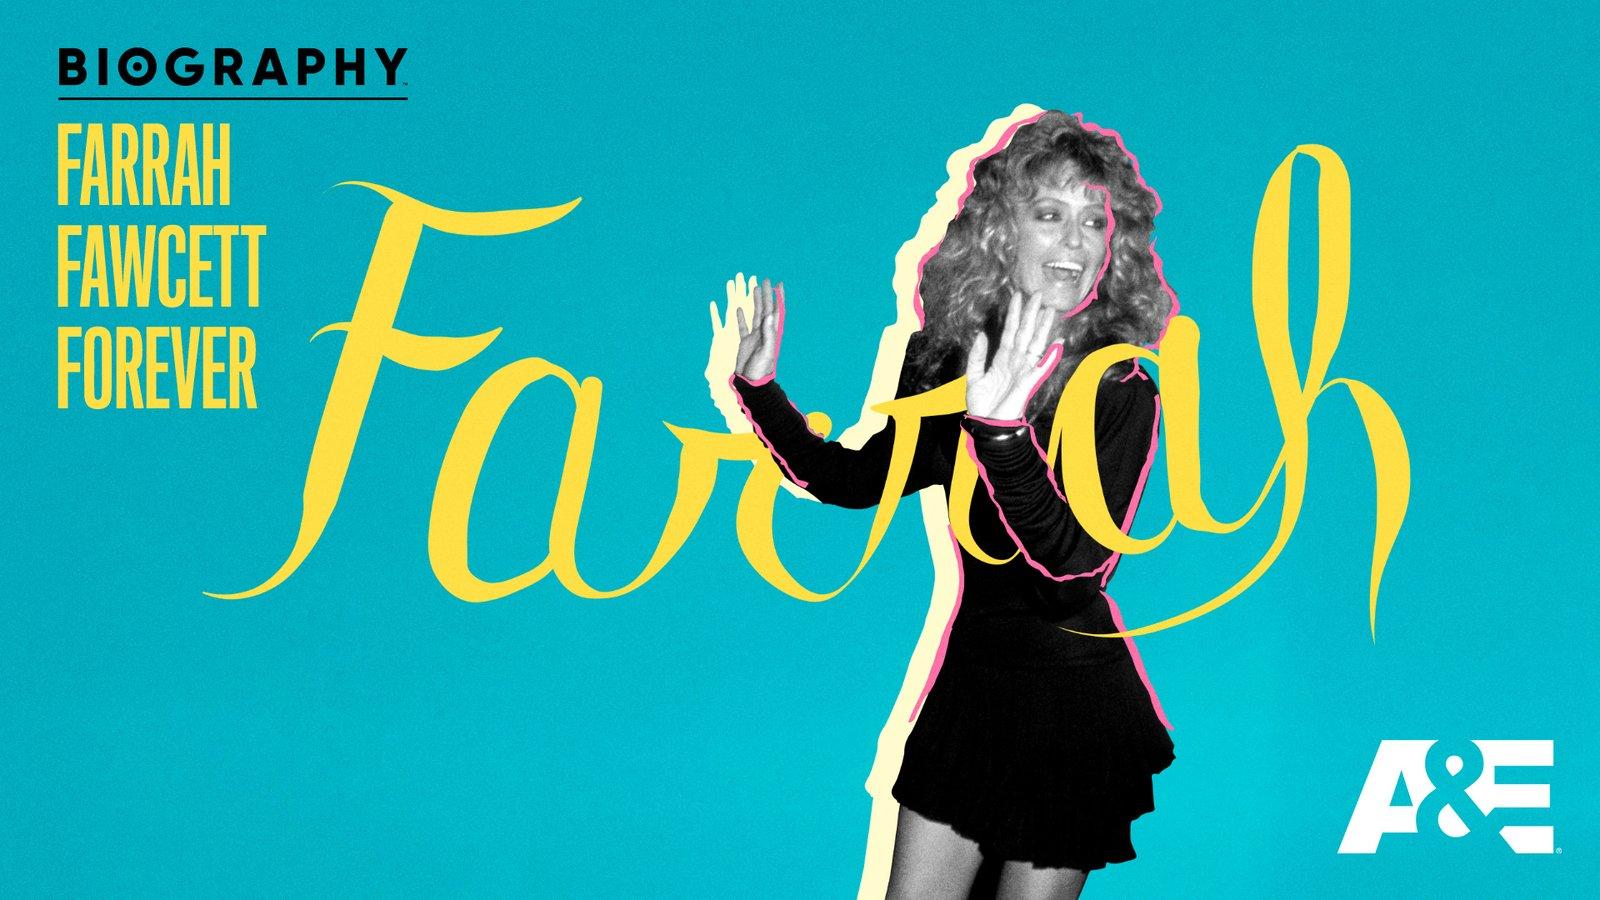 Farrah Fawcett Forever